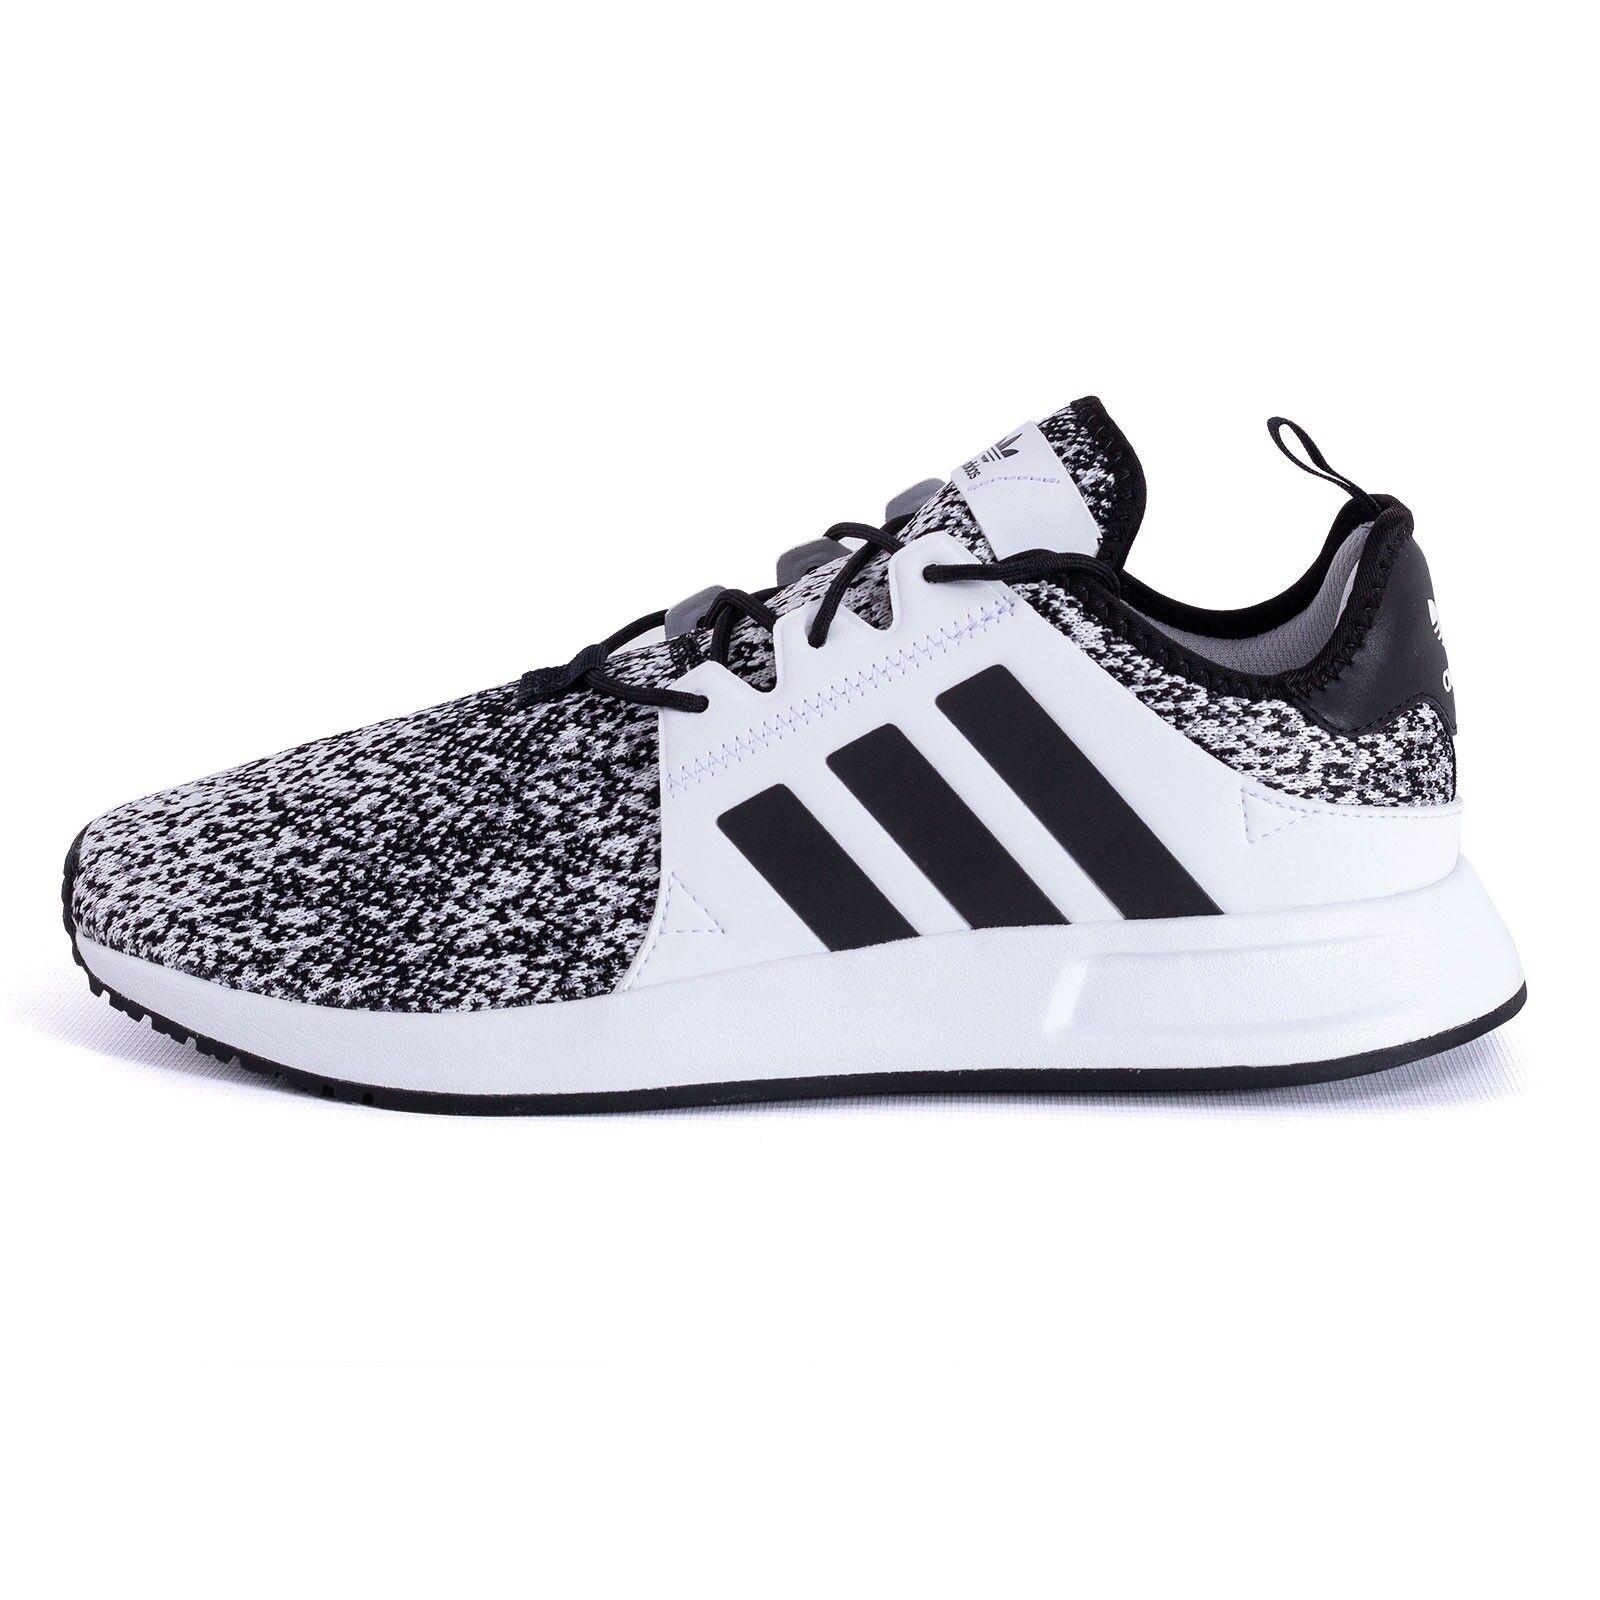 Adidas X_PLR X_PLR X_PLR Herrenschuh Turnschuhe Schuhe weiss schwarz 51472  33d60d